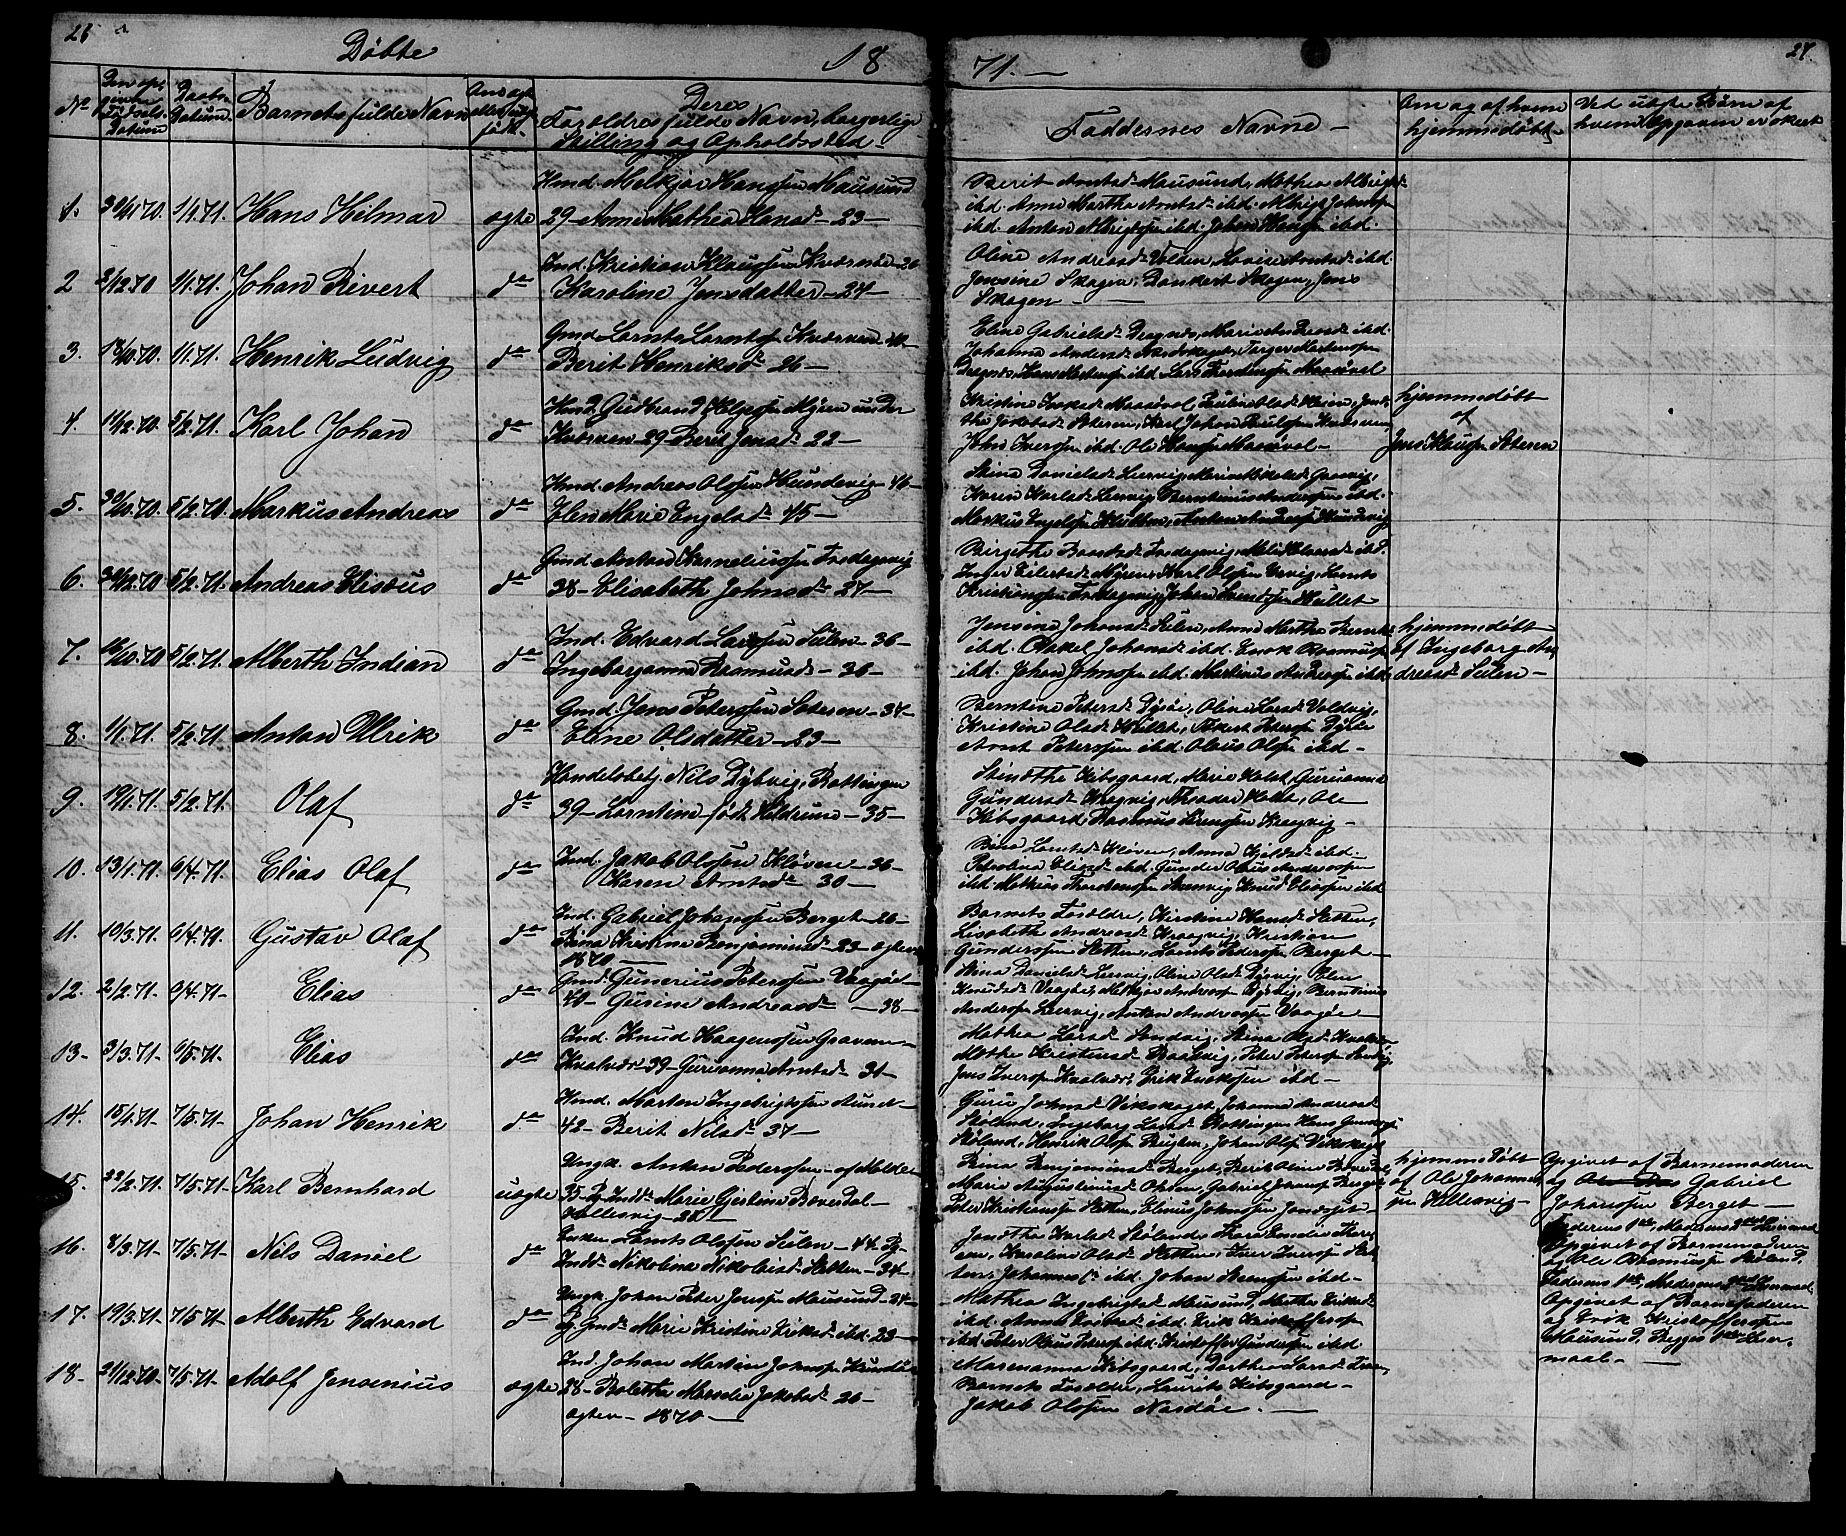 SAT, Ministerialprotokoller, klokkerbøker og fødselsregistre - Sør-Trøndelag, 640/L0583: Klokkerbok nr. 640C01, 1866-1877, s. 26-27